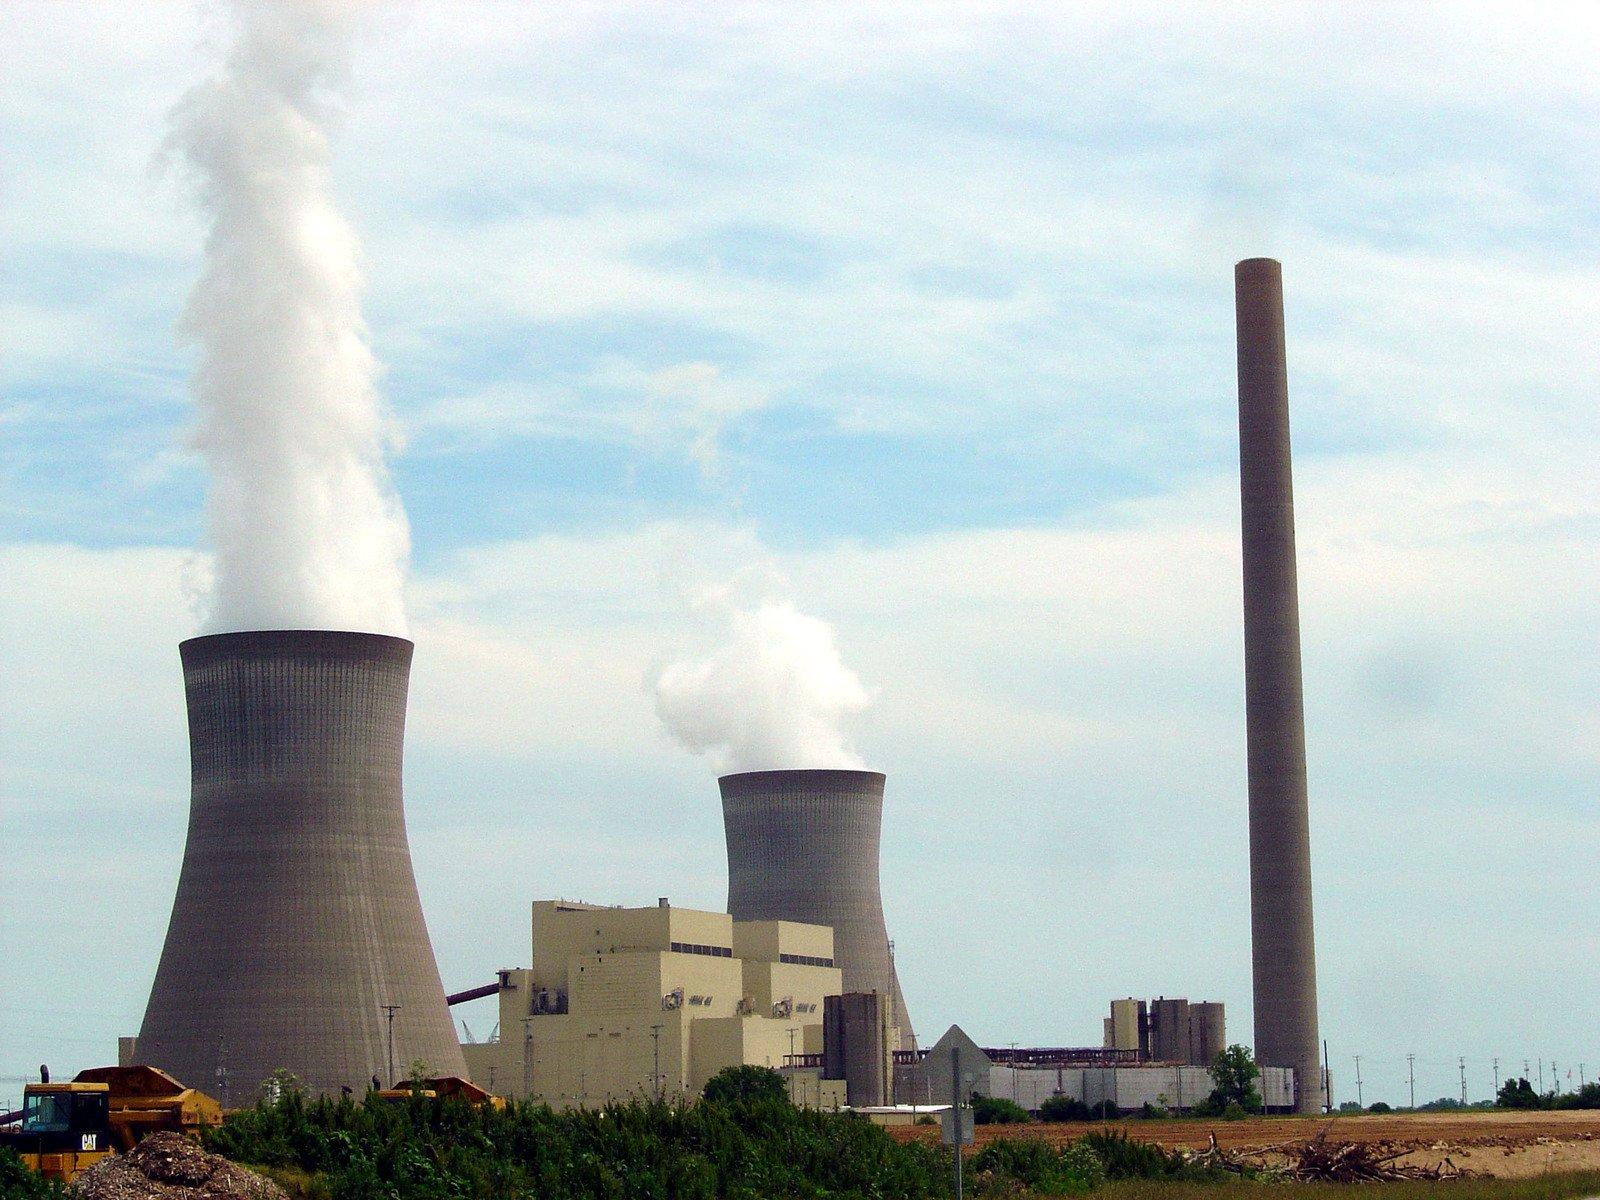 Coal Power Plant, free photos, #1539229 - FreeImages.com